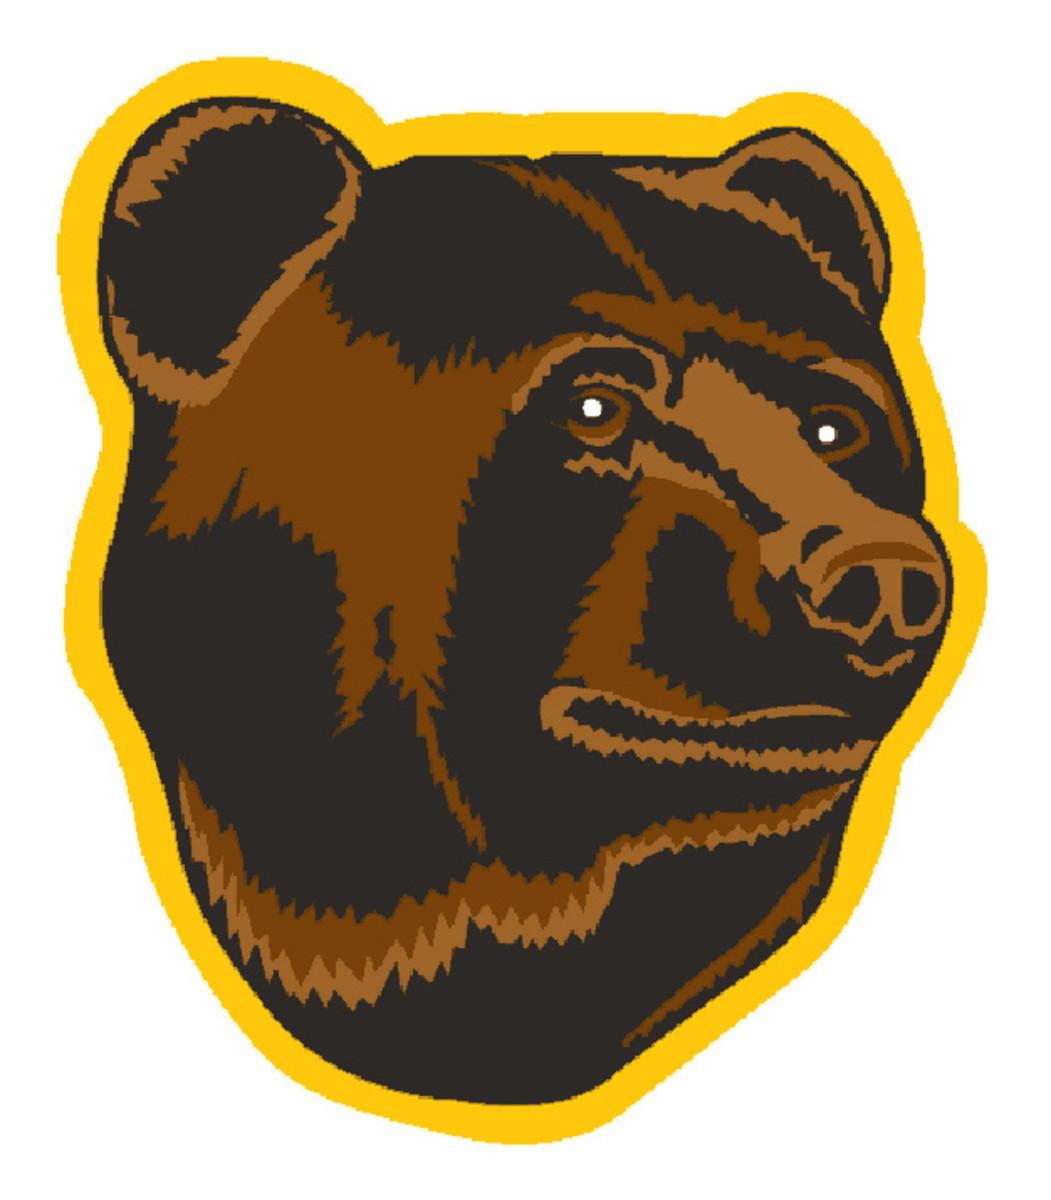 Boston-Bruins-alternate-logo-1995-07.jpg